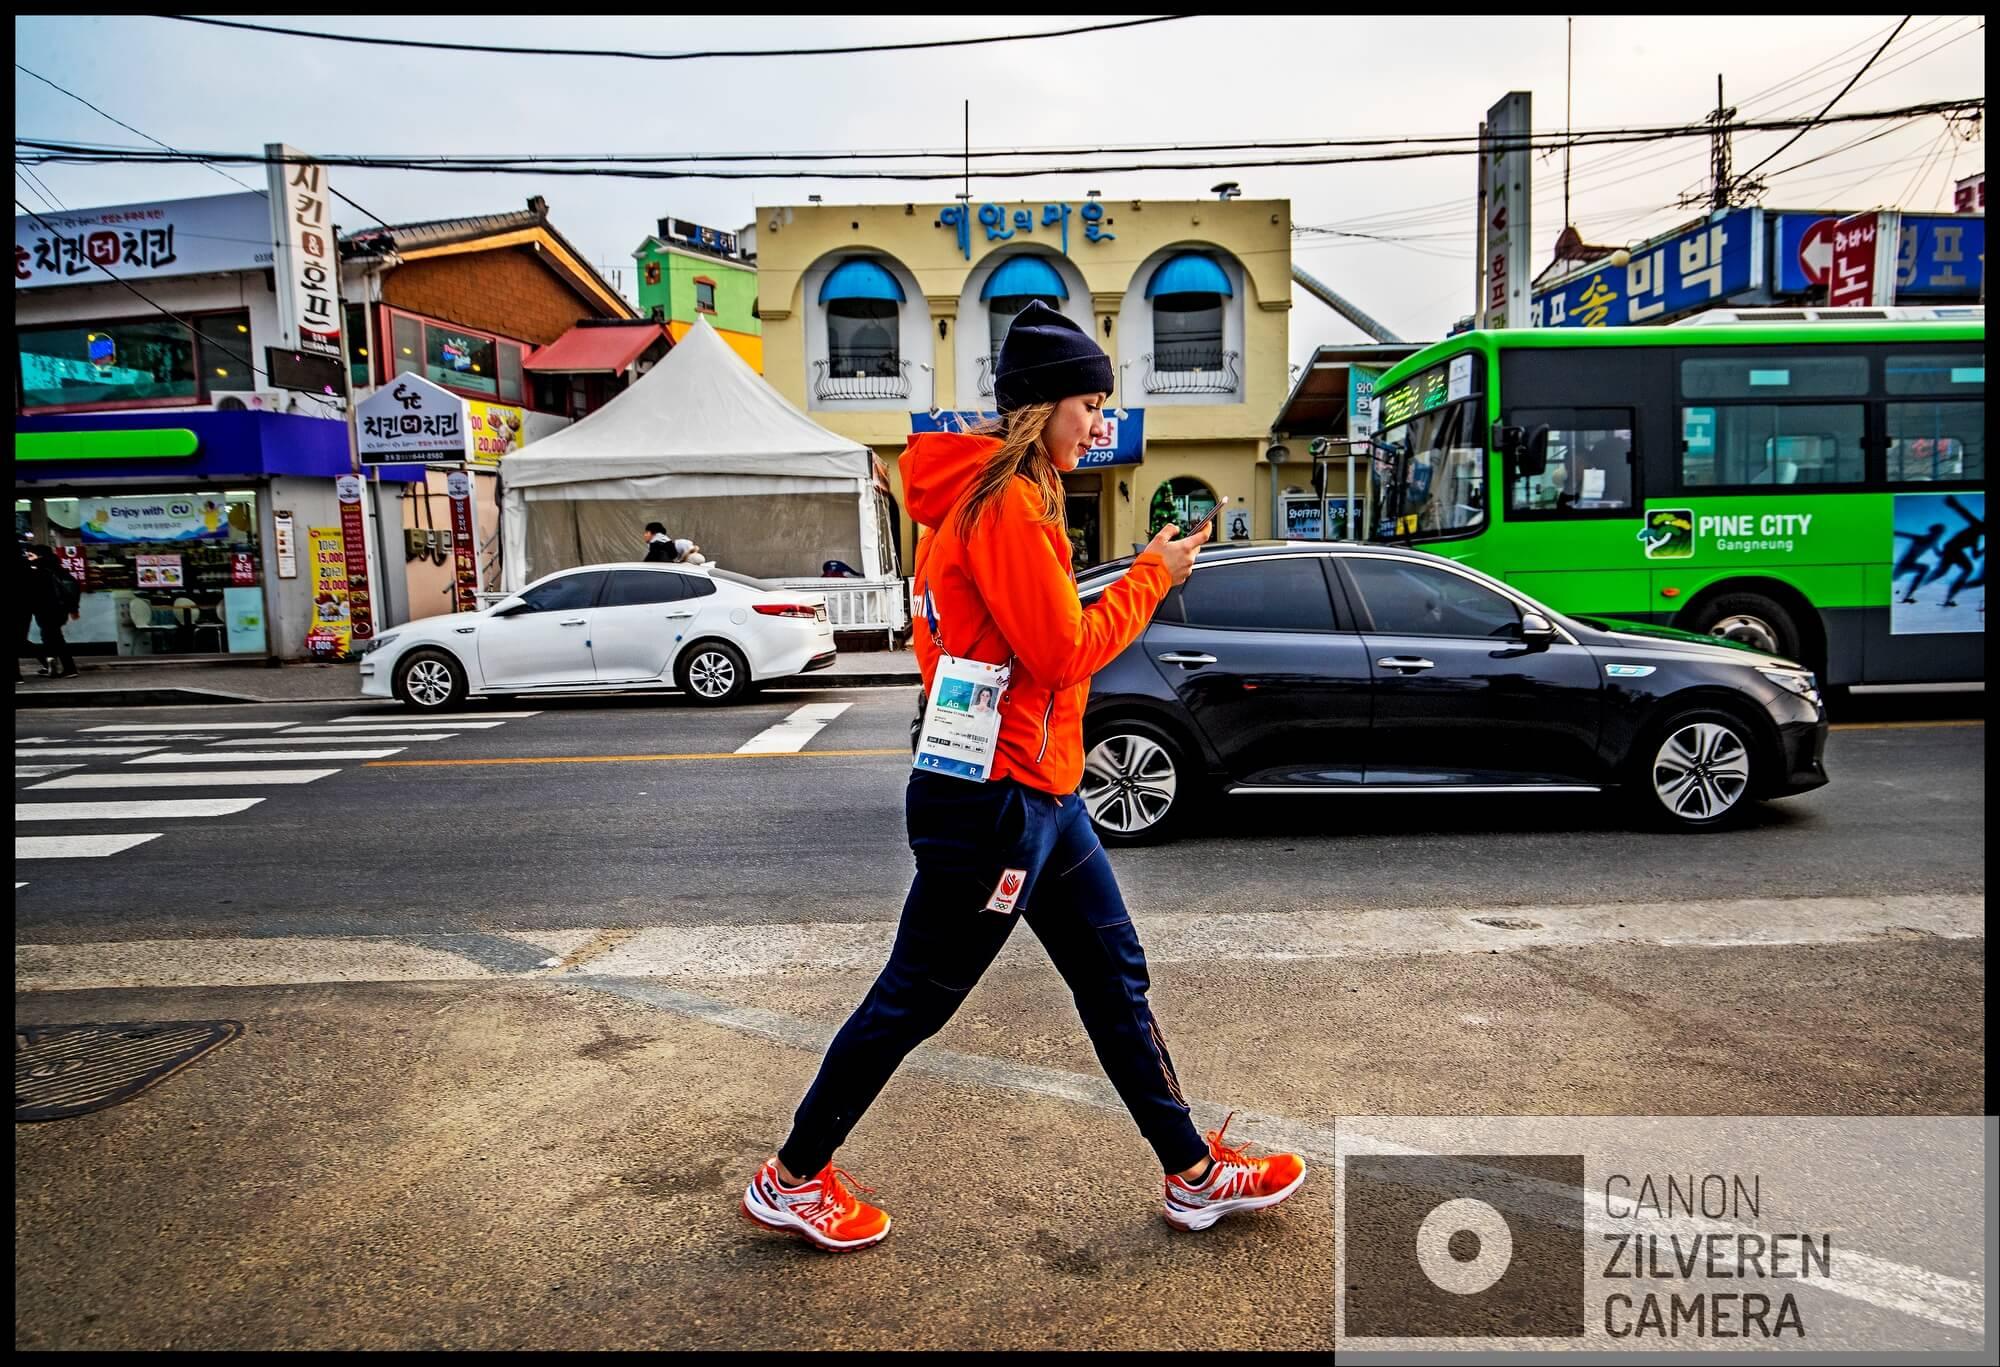 Serie Suzanne Schulting; Van Olympische val tot Sportvrouw van het Jaar. Olympische Winterspelen 2018 Zuid-Korea, Gangneung, 23-02-2018 FOTO 1 Ontspannen loopt Suzanne Schulting door de straten van Gangneung waar het Olympische shorttrack-toernooi wordt gehouden, ondertussen haar Instagram-account checkend.